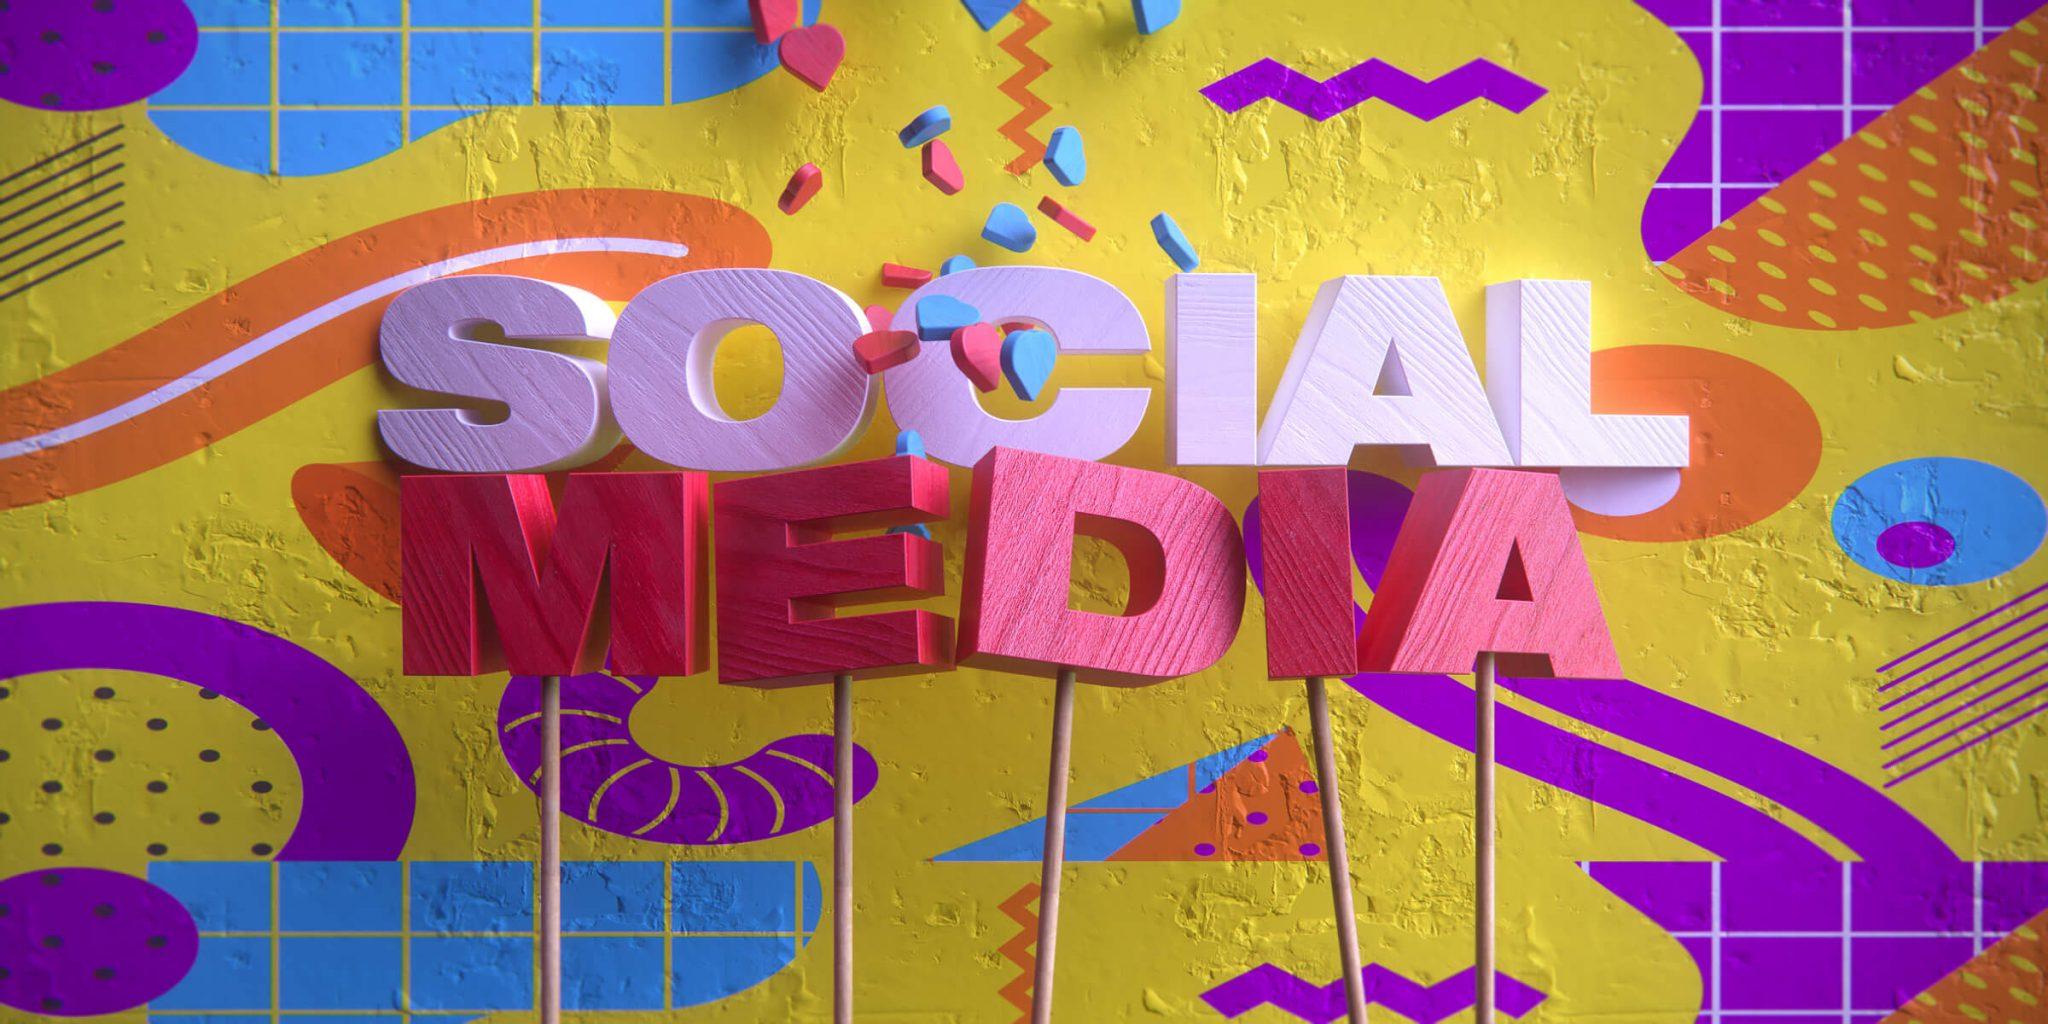 social media0184